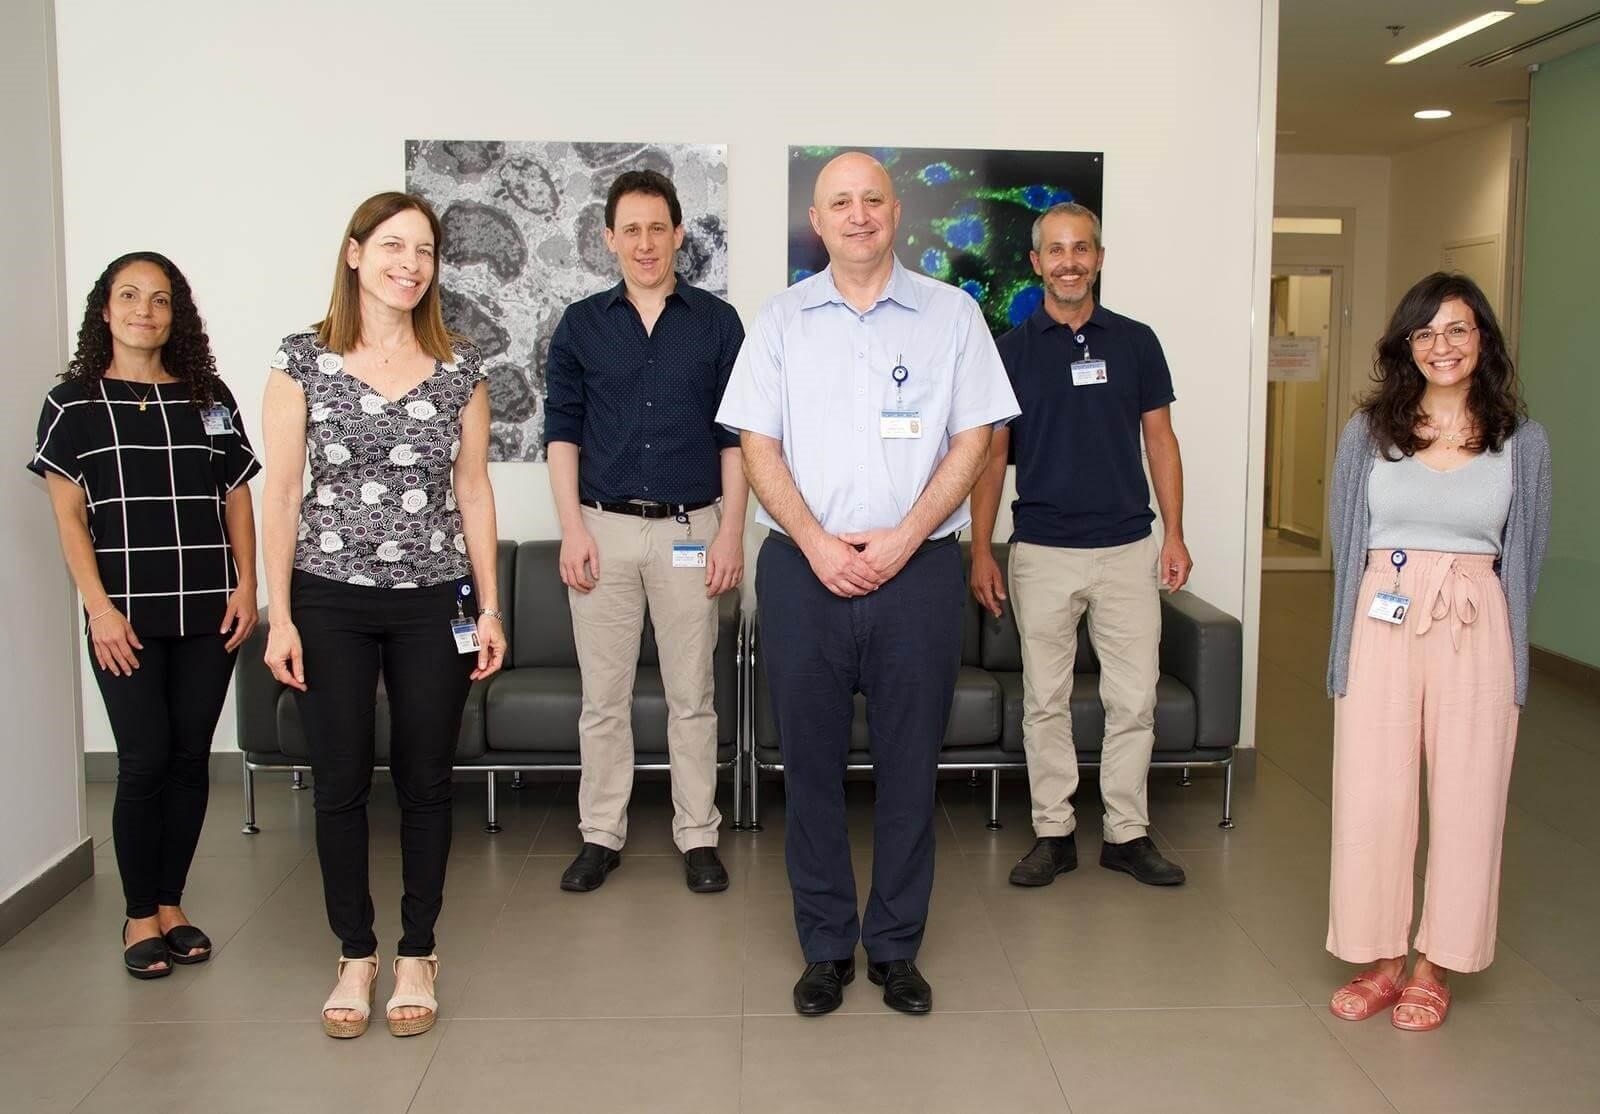 פרופ' ניר גלעדי והרופאים הבכירים במערך הנוירולוגי צילום: מירי גטניו, איכילוב